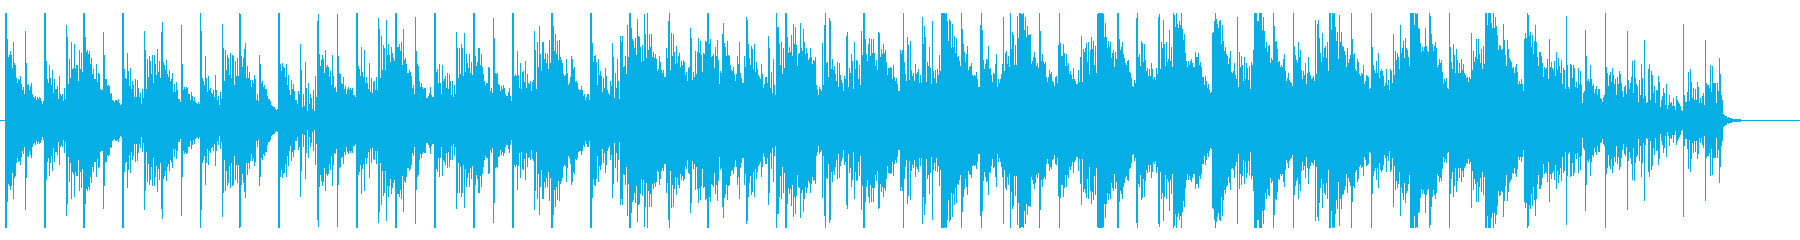 【ヒーリング】落ち着き_懐かしさの再生済みの波形